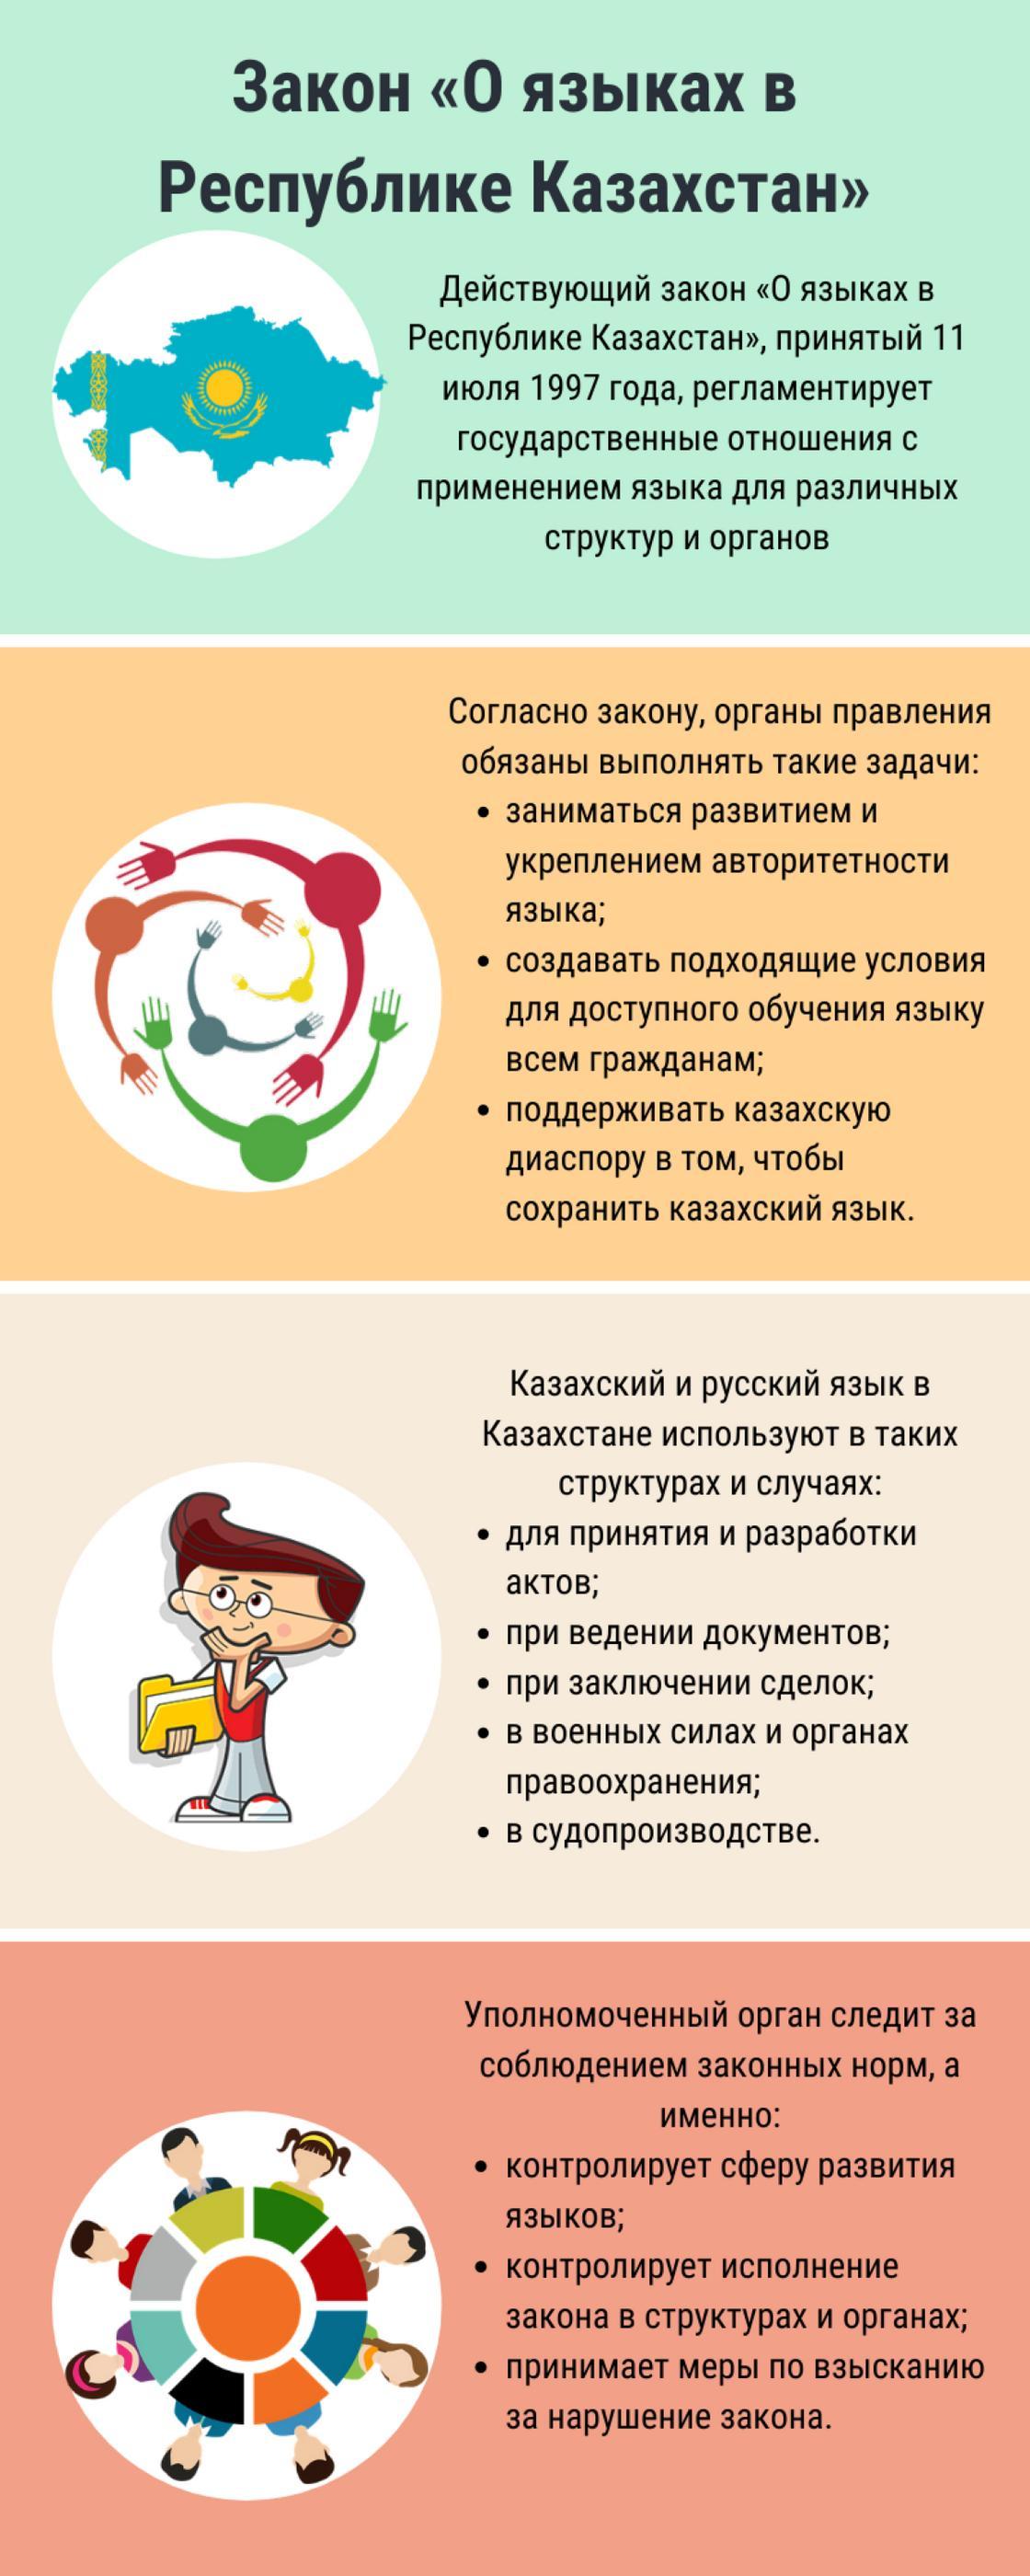 Закон «О языках РК»: пояснения, обзор